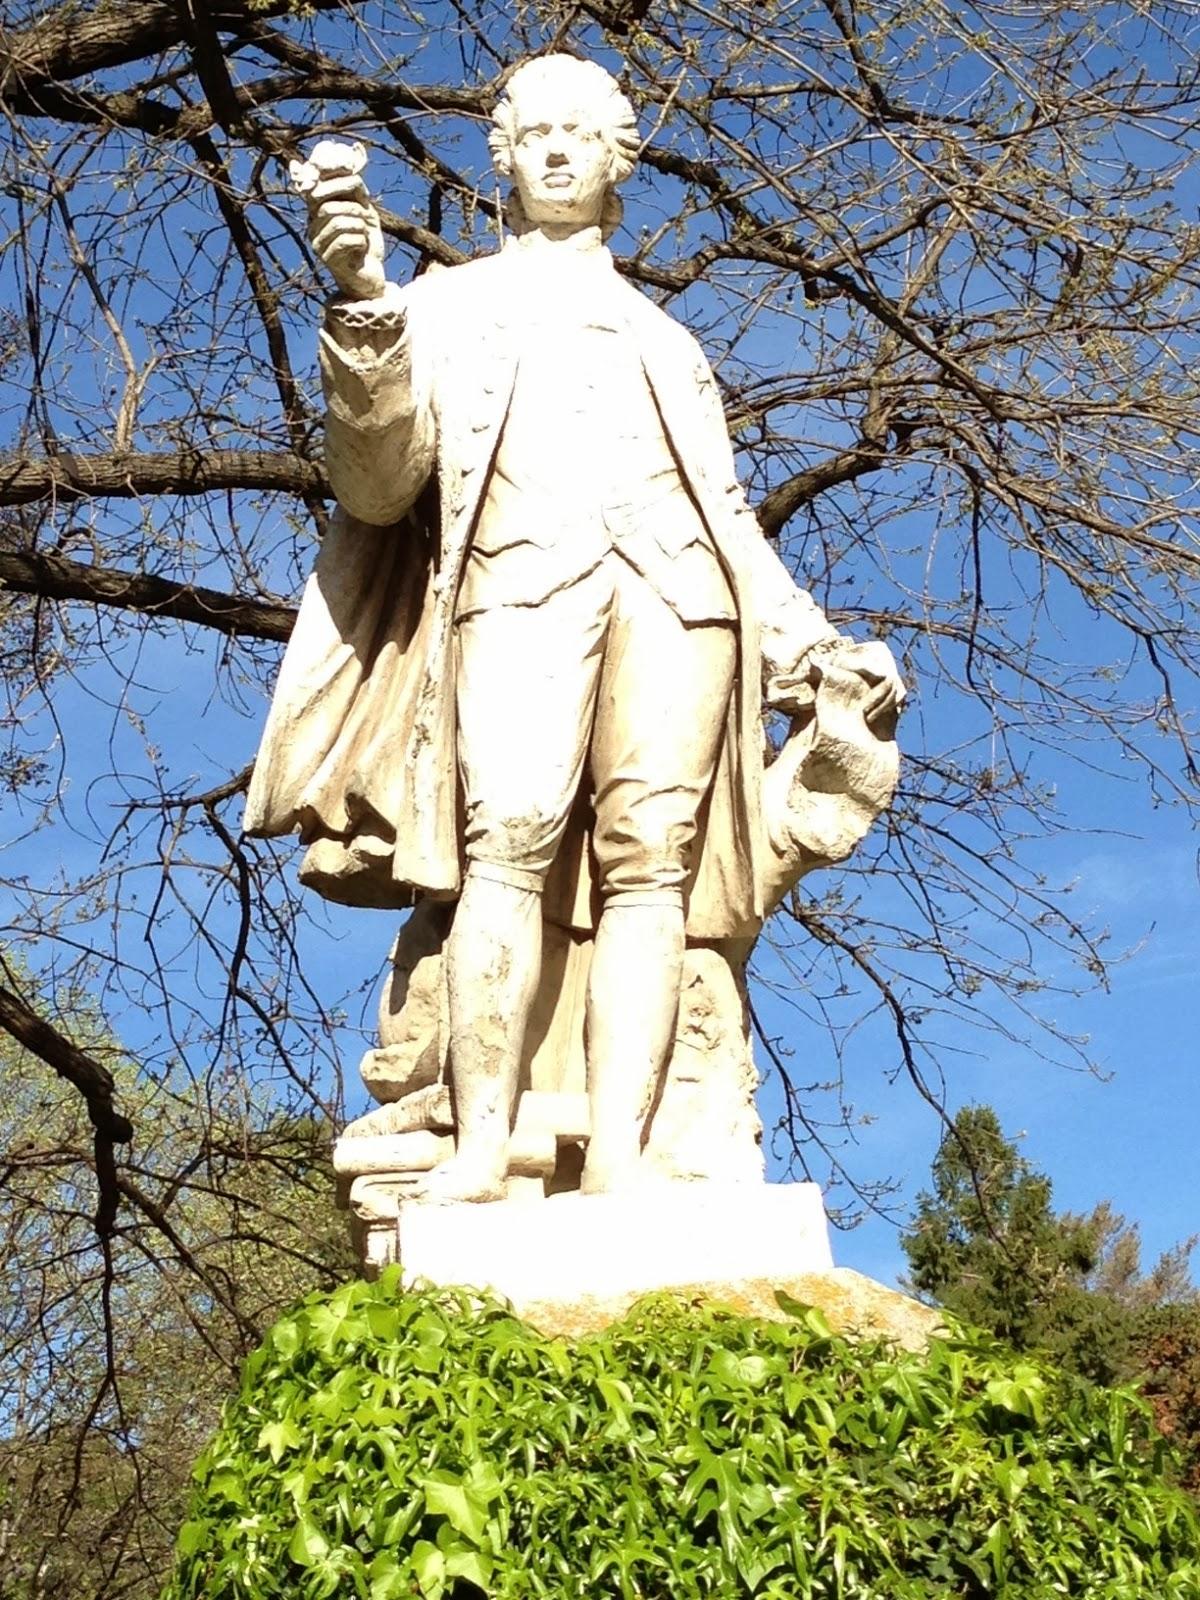 Estatuas de jardin pitufos estatuas de jardn goldie estatua de mujer para jardn con lmpara - Estatuas de jardin ...